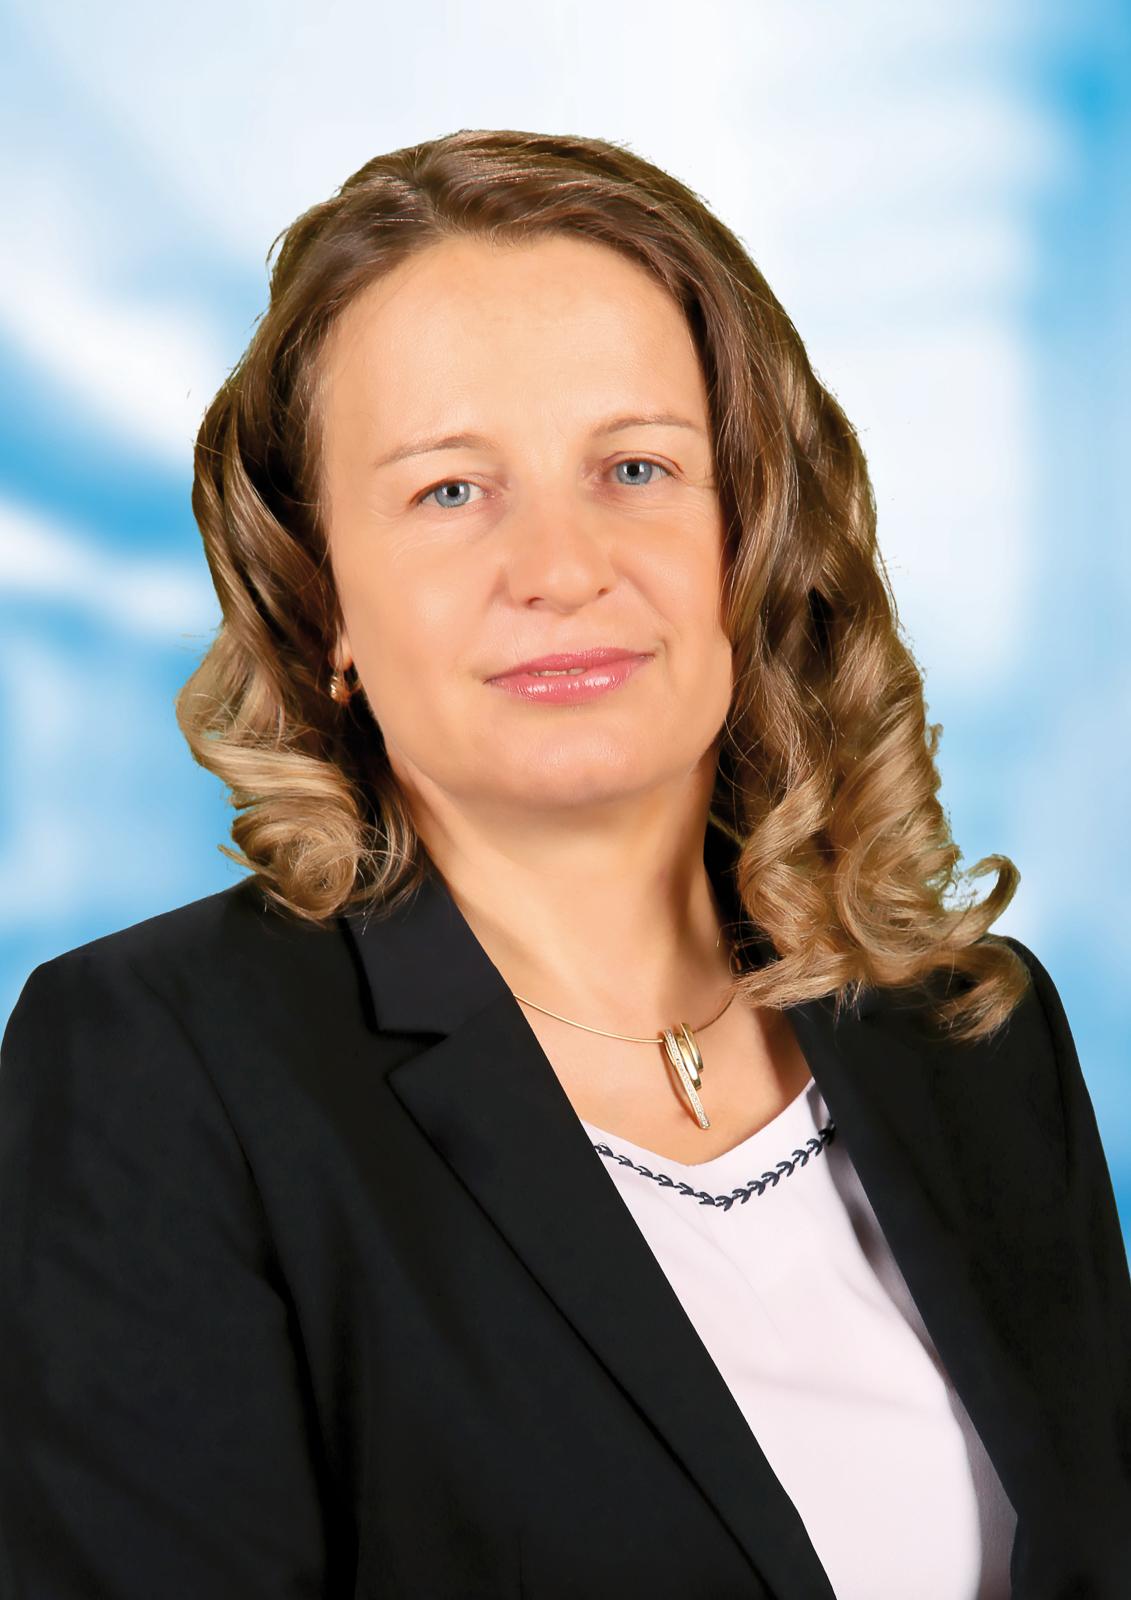 Dr. Pappné Darida Andrea